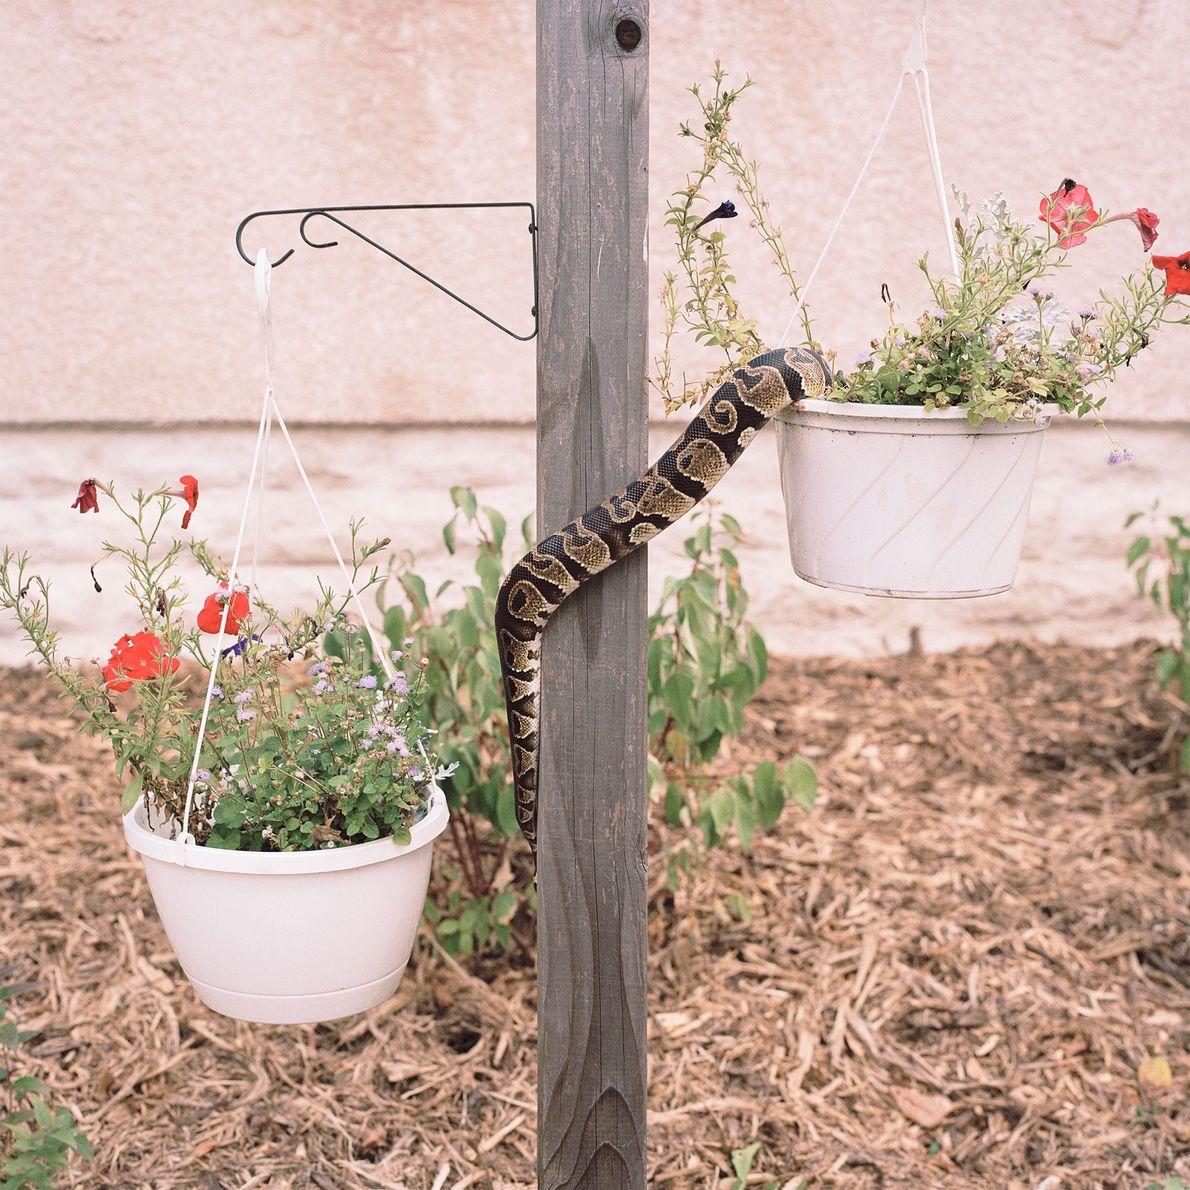 """Die Königspython Freckles schlängelt sich einen Blumenständer vor dem Haus hinauf. """"Ihre Besitzerin nimmt sie oft ..."""